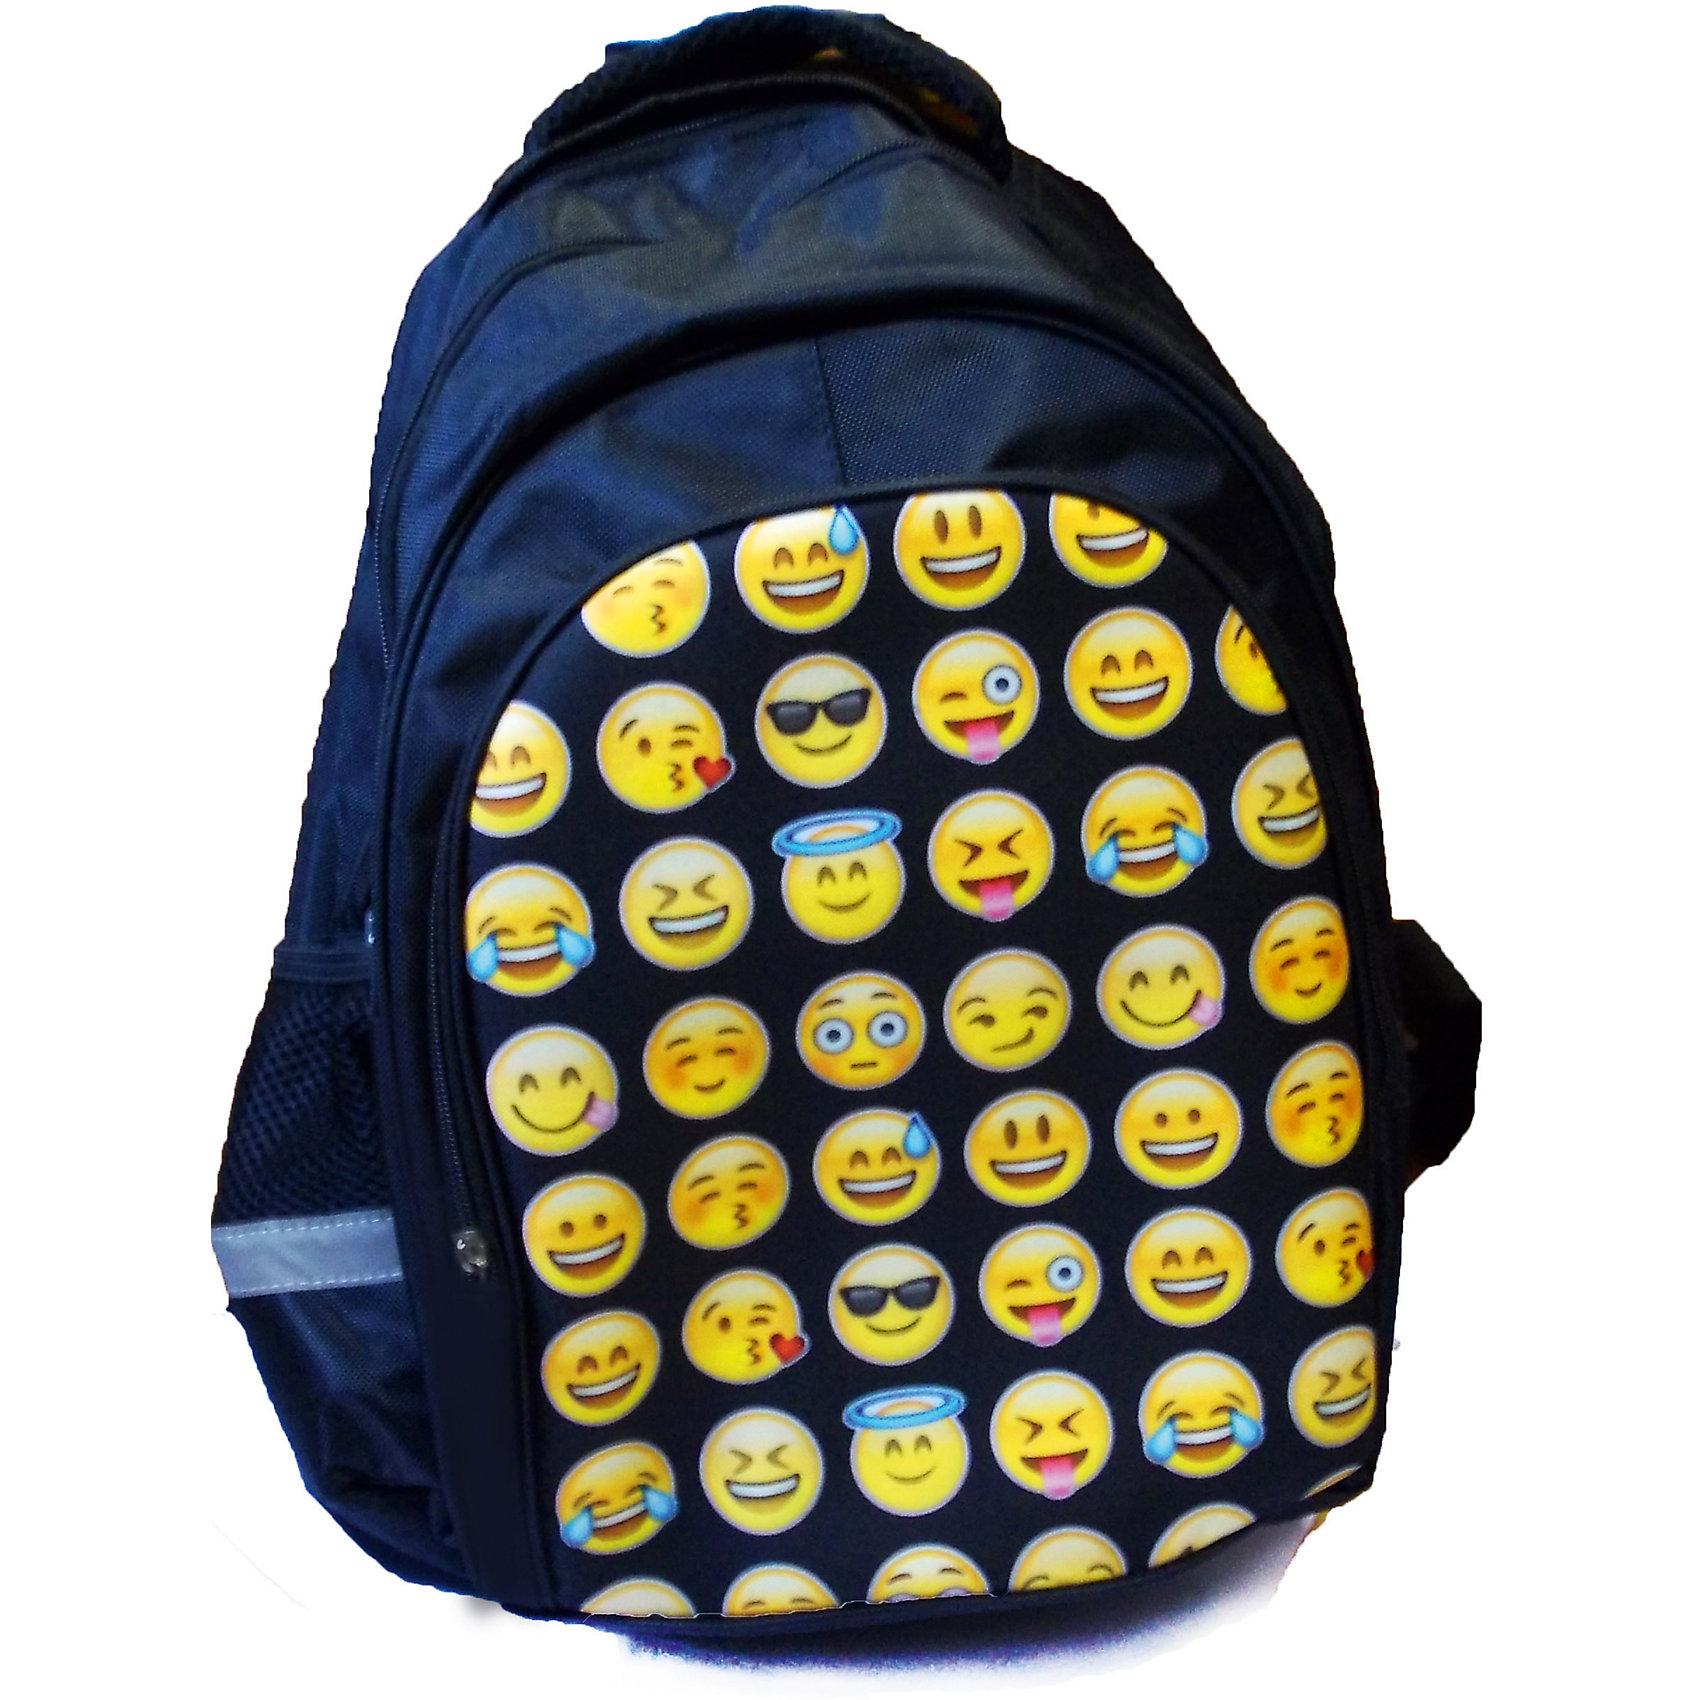 Школьный рюкзак СмайлыШкольные рюкзаки<br>Яркий и модный рюкзак Смайлы  - отличный выбор для Вашего школьника. Изделие выполнено из плотного износостойкого материала и обладает следующими особенностями:<br>- 1 вместительное отделение;<br>- 1 большой внешний карман;<br>- 2 боковых кармана;<br>- удобные застежки-молнии;<br>- широкие лямки, регулируемые по длине;<br>- удобная ручка для переноса рюкзака;<br>- светоотражающие элементы для безопасности ребенка в темное время суток;<br>- прочное днище;<br>- привлекательный дизайн<br><br>Дополнительная информация:<br>- размеры: 44х29х15 см<br>- вес: 1000 гр.<br>- материал: полиэстер 600 ден<br><br>Рюкзак Смайлы  можно купить в нашем интернет-магазине<br><br>Ширина мм: 150<br>Глубина мм: 290<br>Высота мм: 440<br>Вес г: 1000<br>Возраст от месяцев: 72<br>Возраст до месяцев: 192<br>Пол: Унисекс<br>Возраст: Детский<br>SKU: 4616117